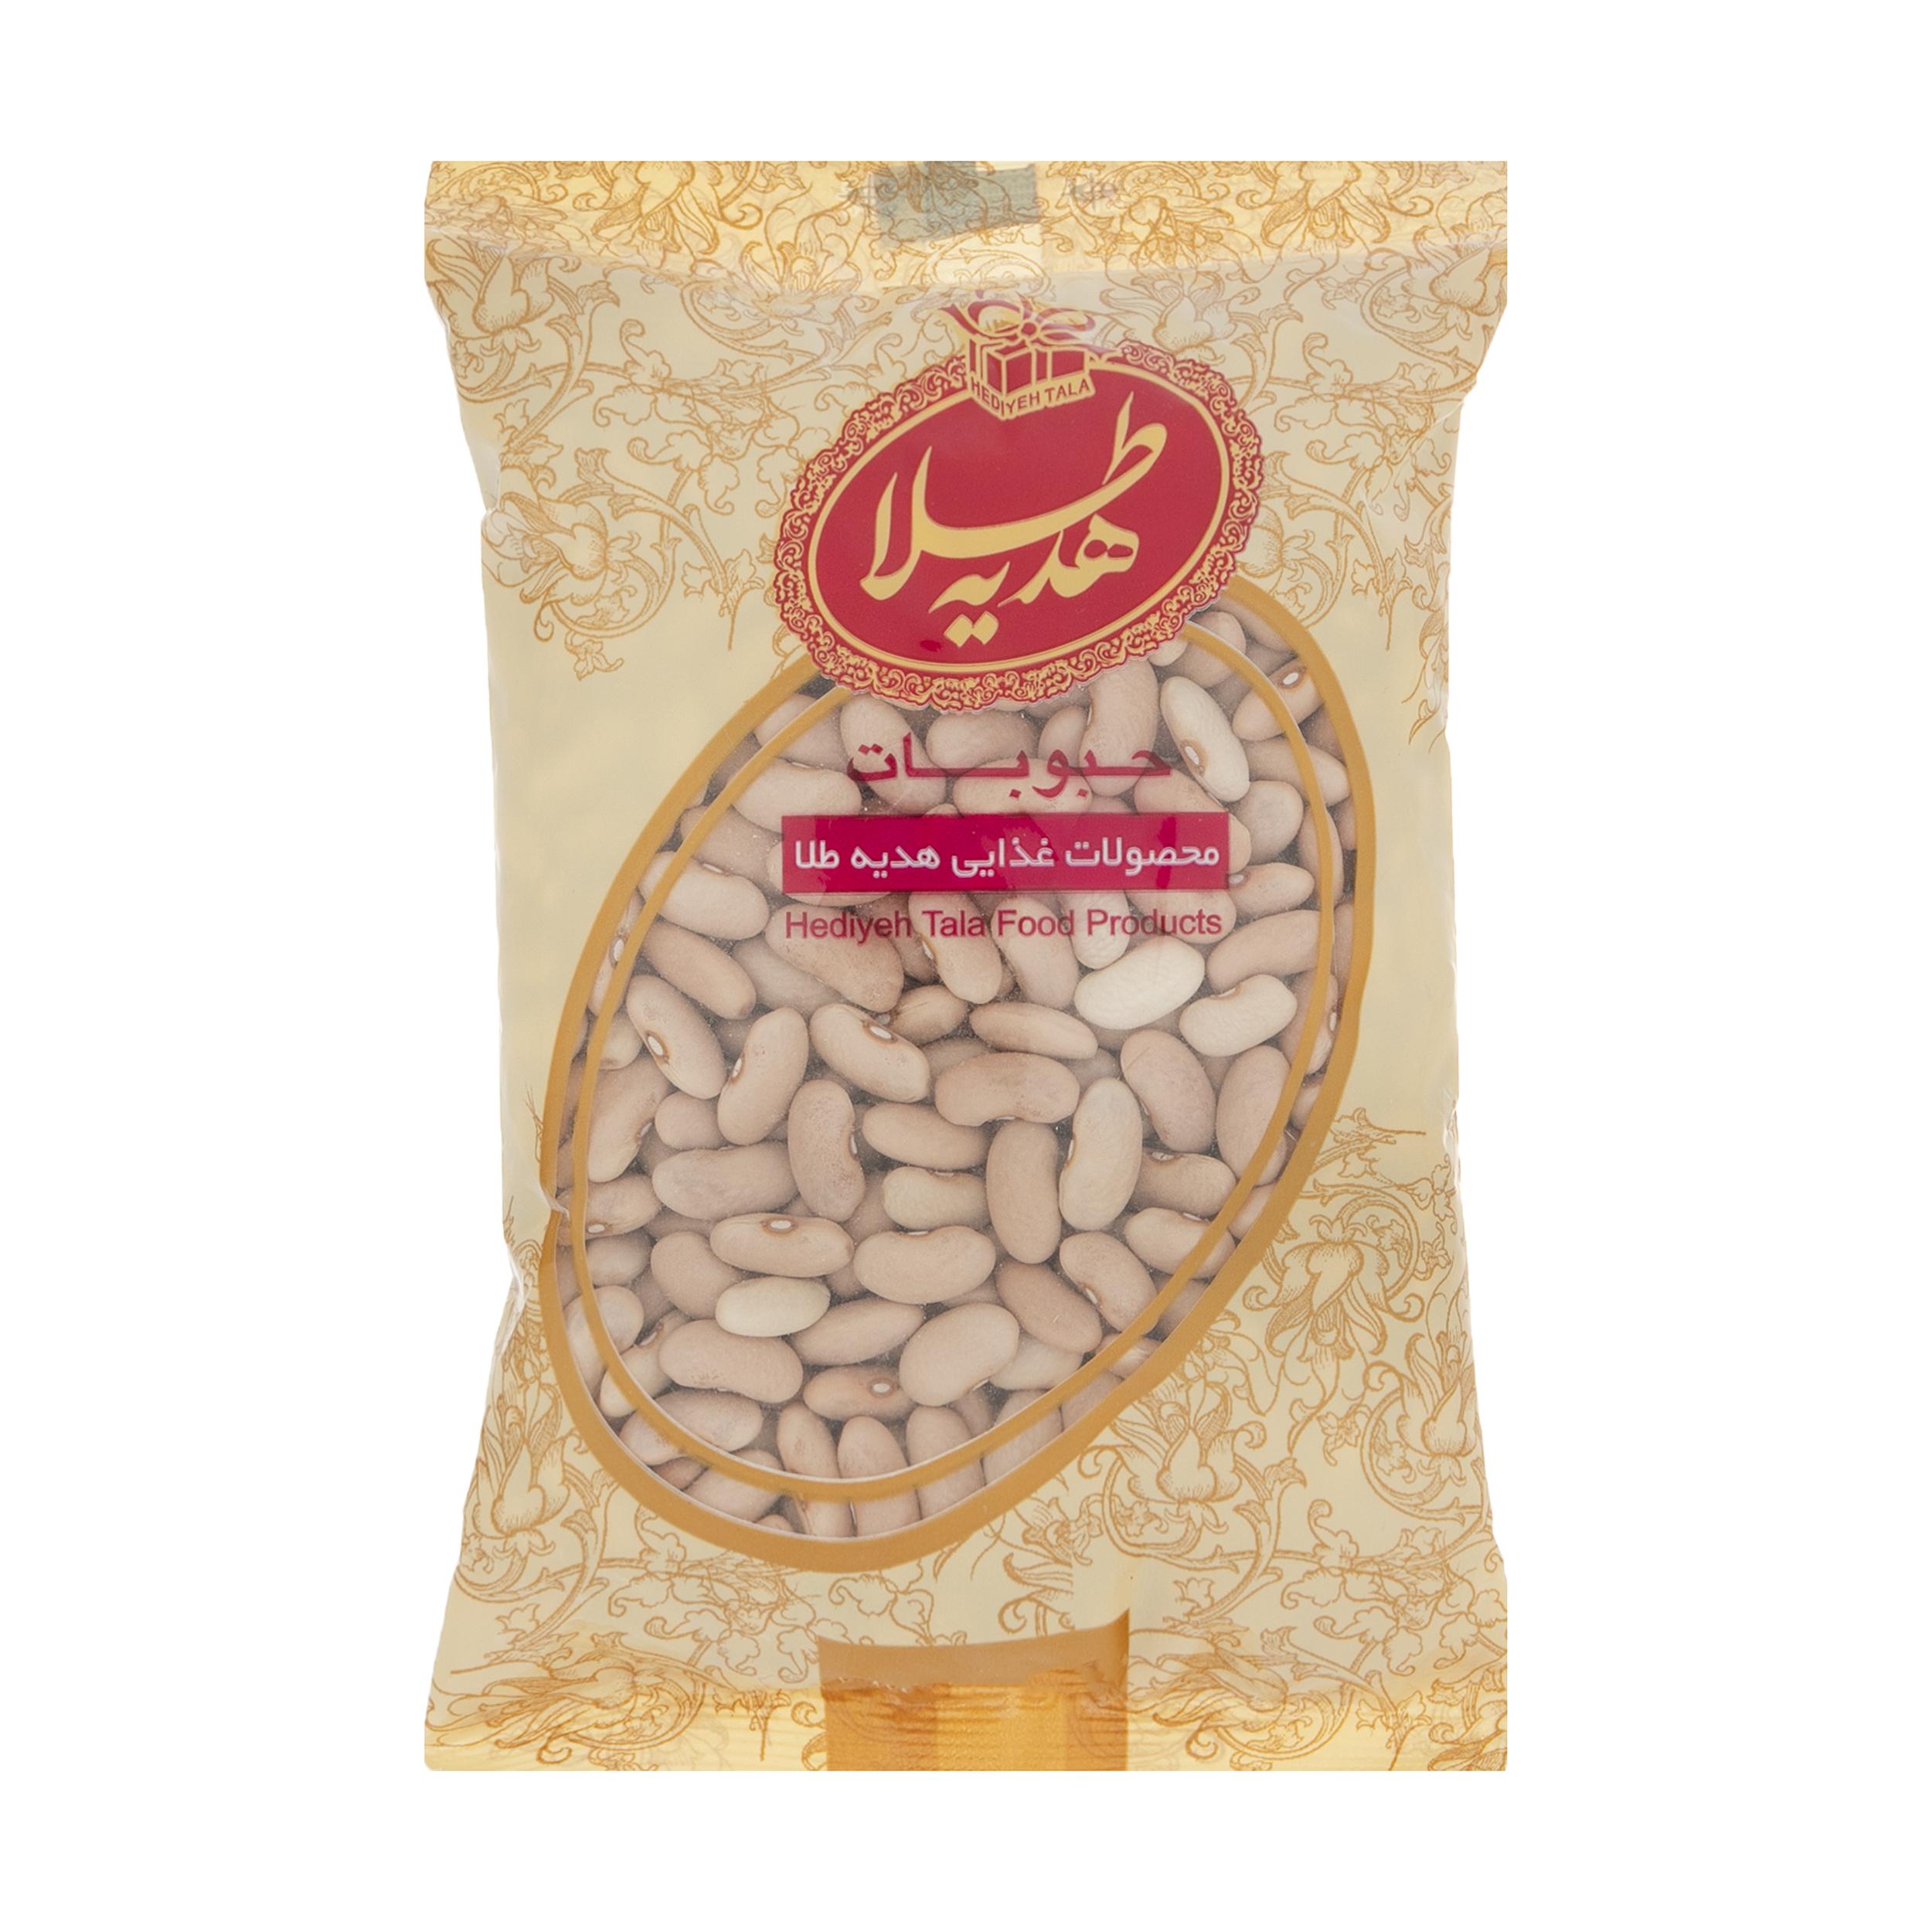 لوبیا کشاورزی هدیه طلا - 450 گرم